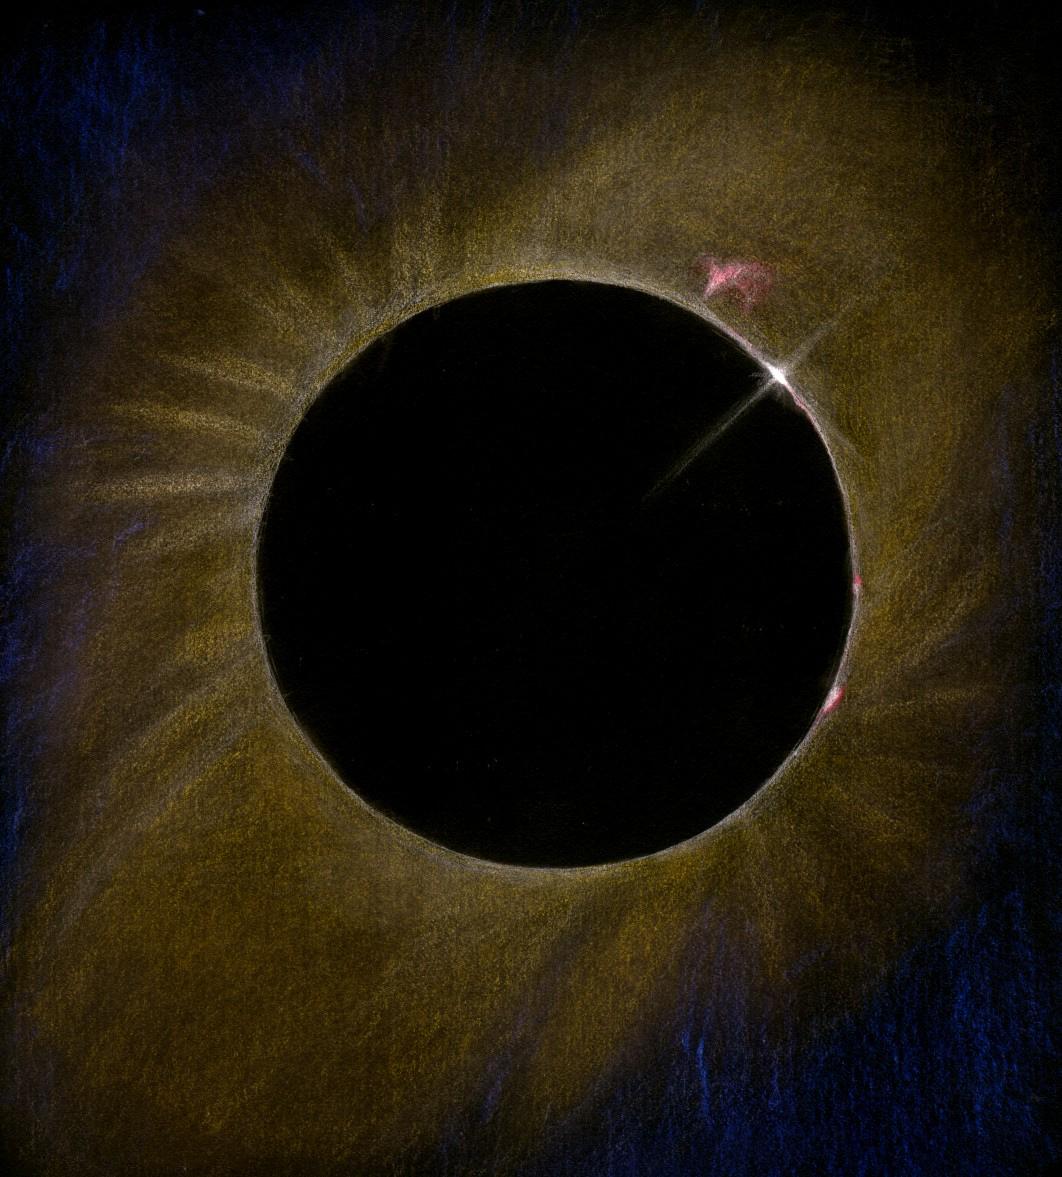 eclipse-soleil-t203x40-02072019.jpg.6a78251f5fcfb347893c98fdf9067d23.jpg